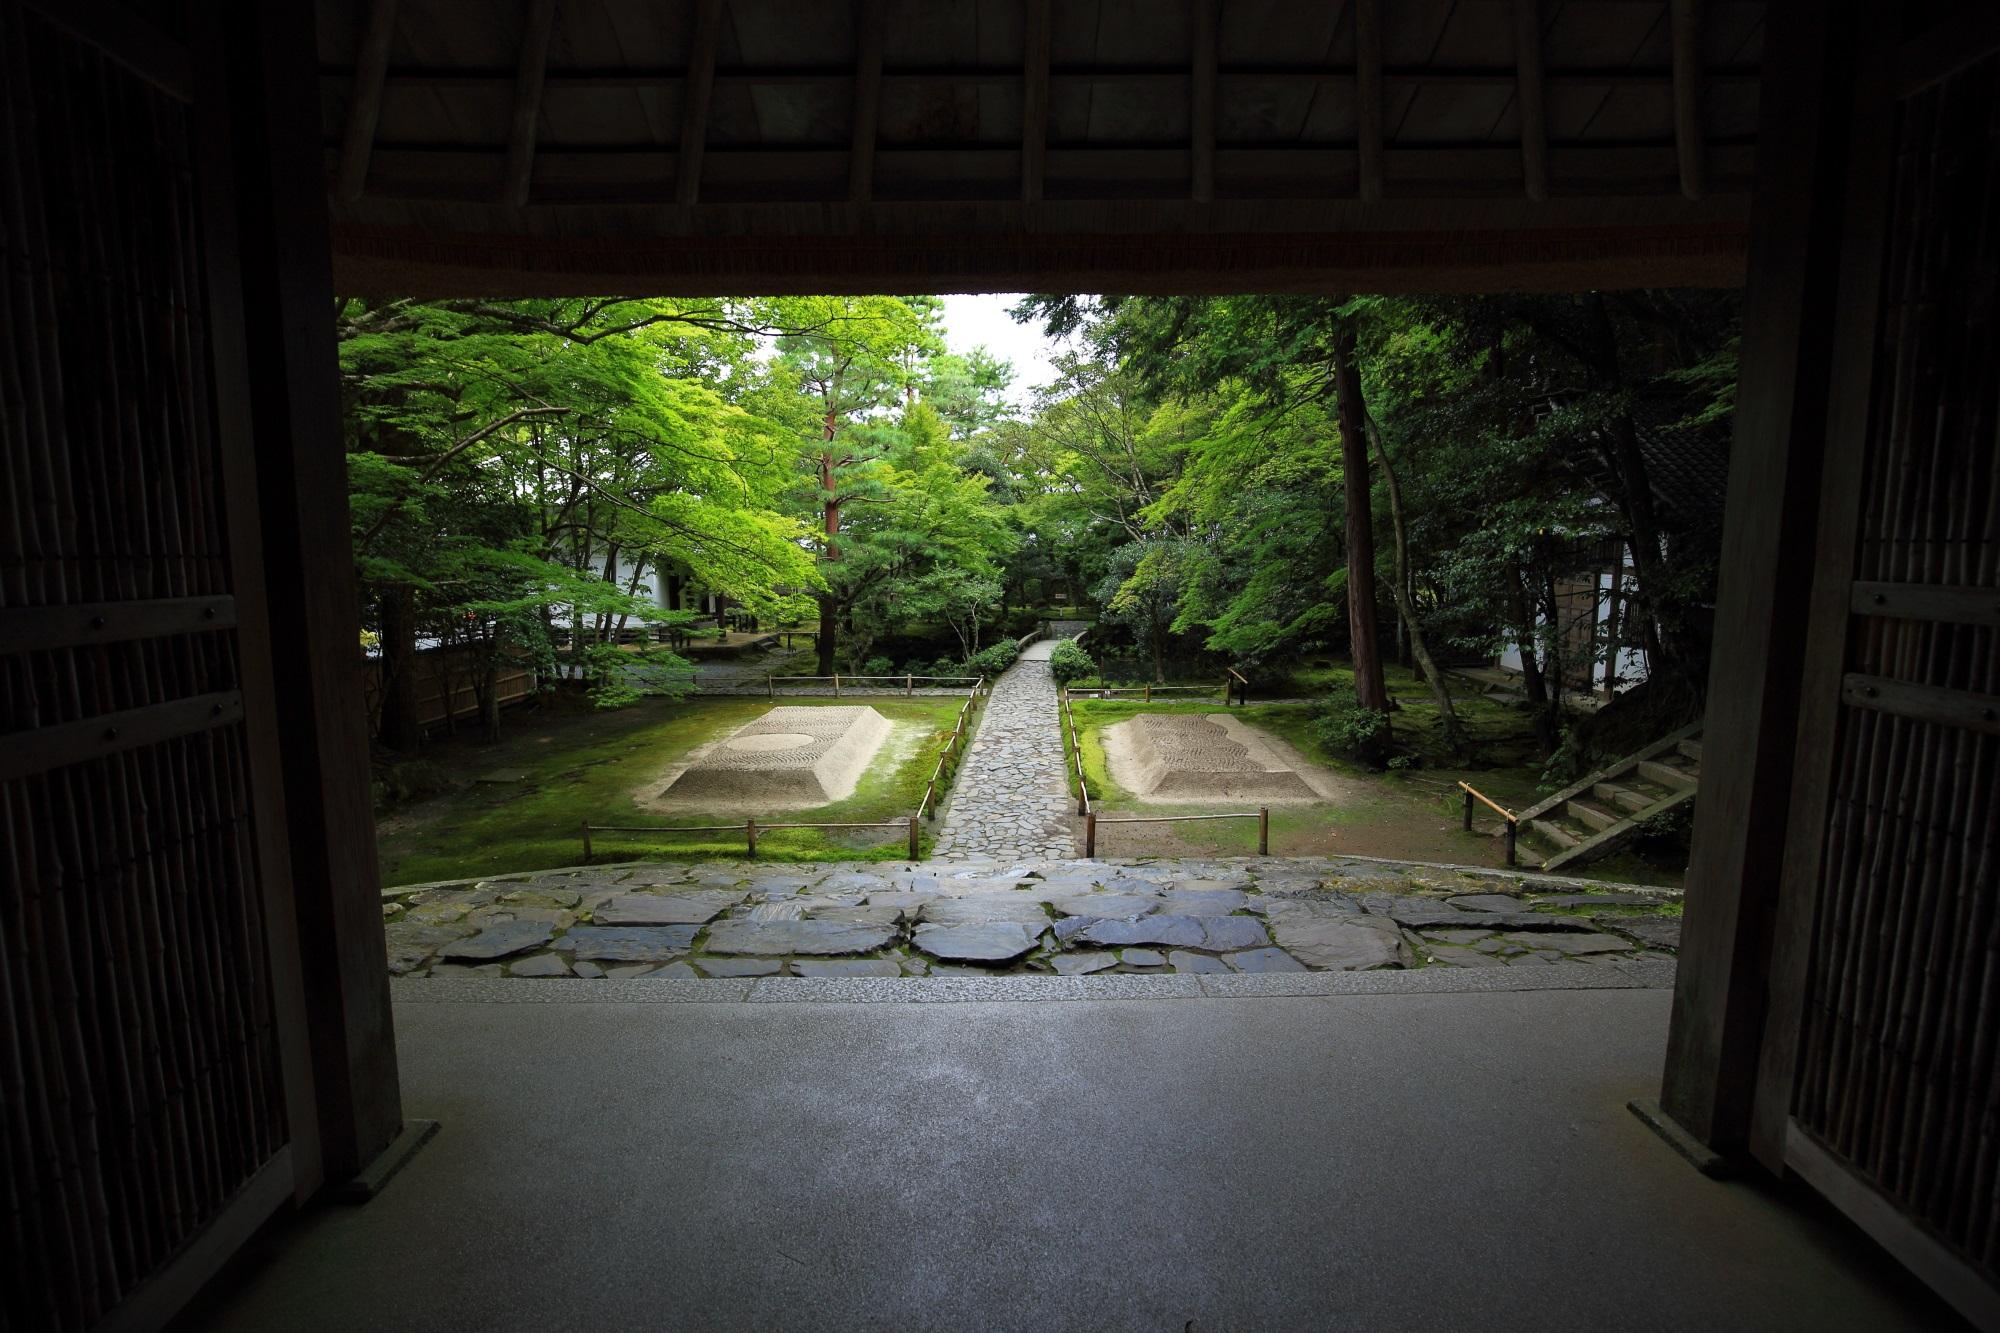 山門から眺めた法然院の境内